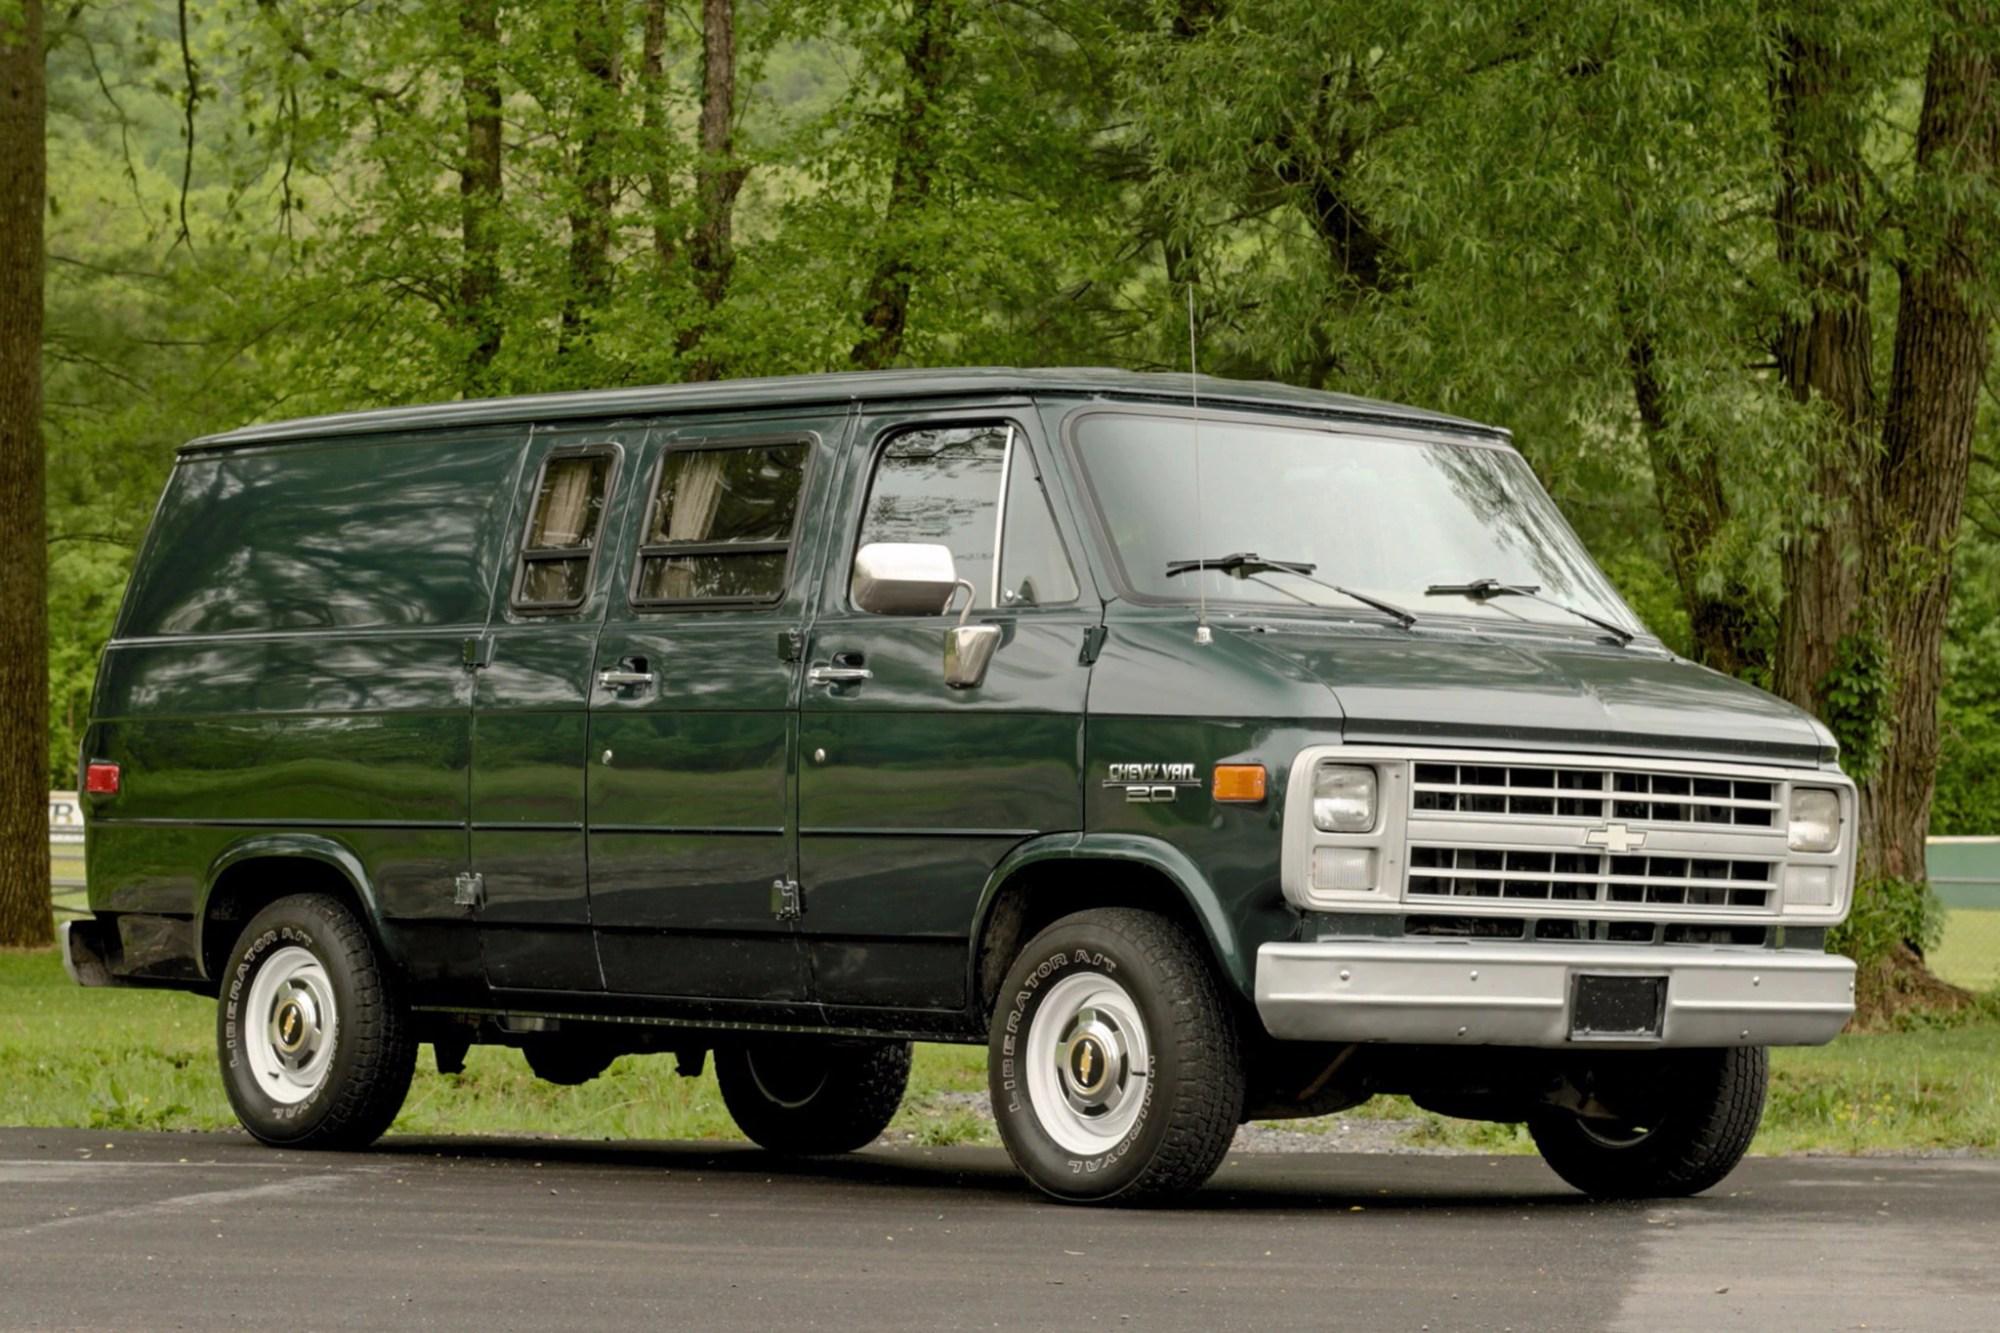 hight resolution of 1988 gmc getaway van